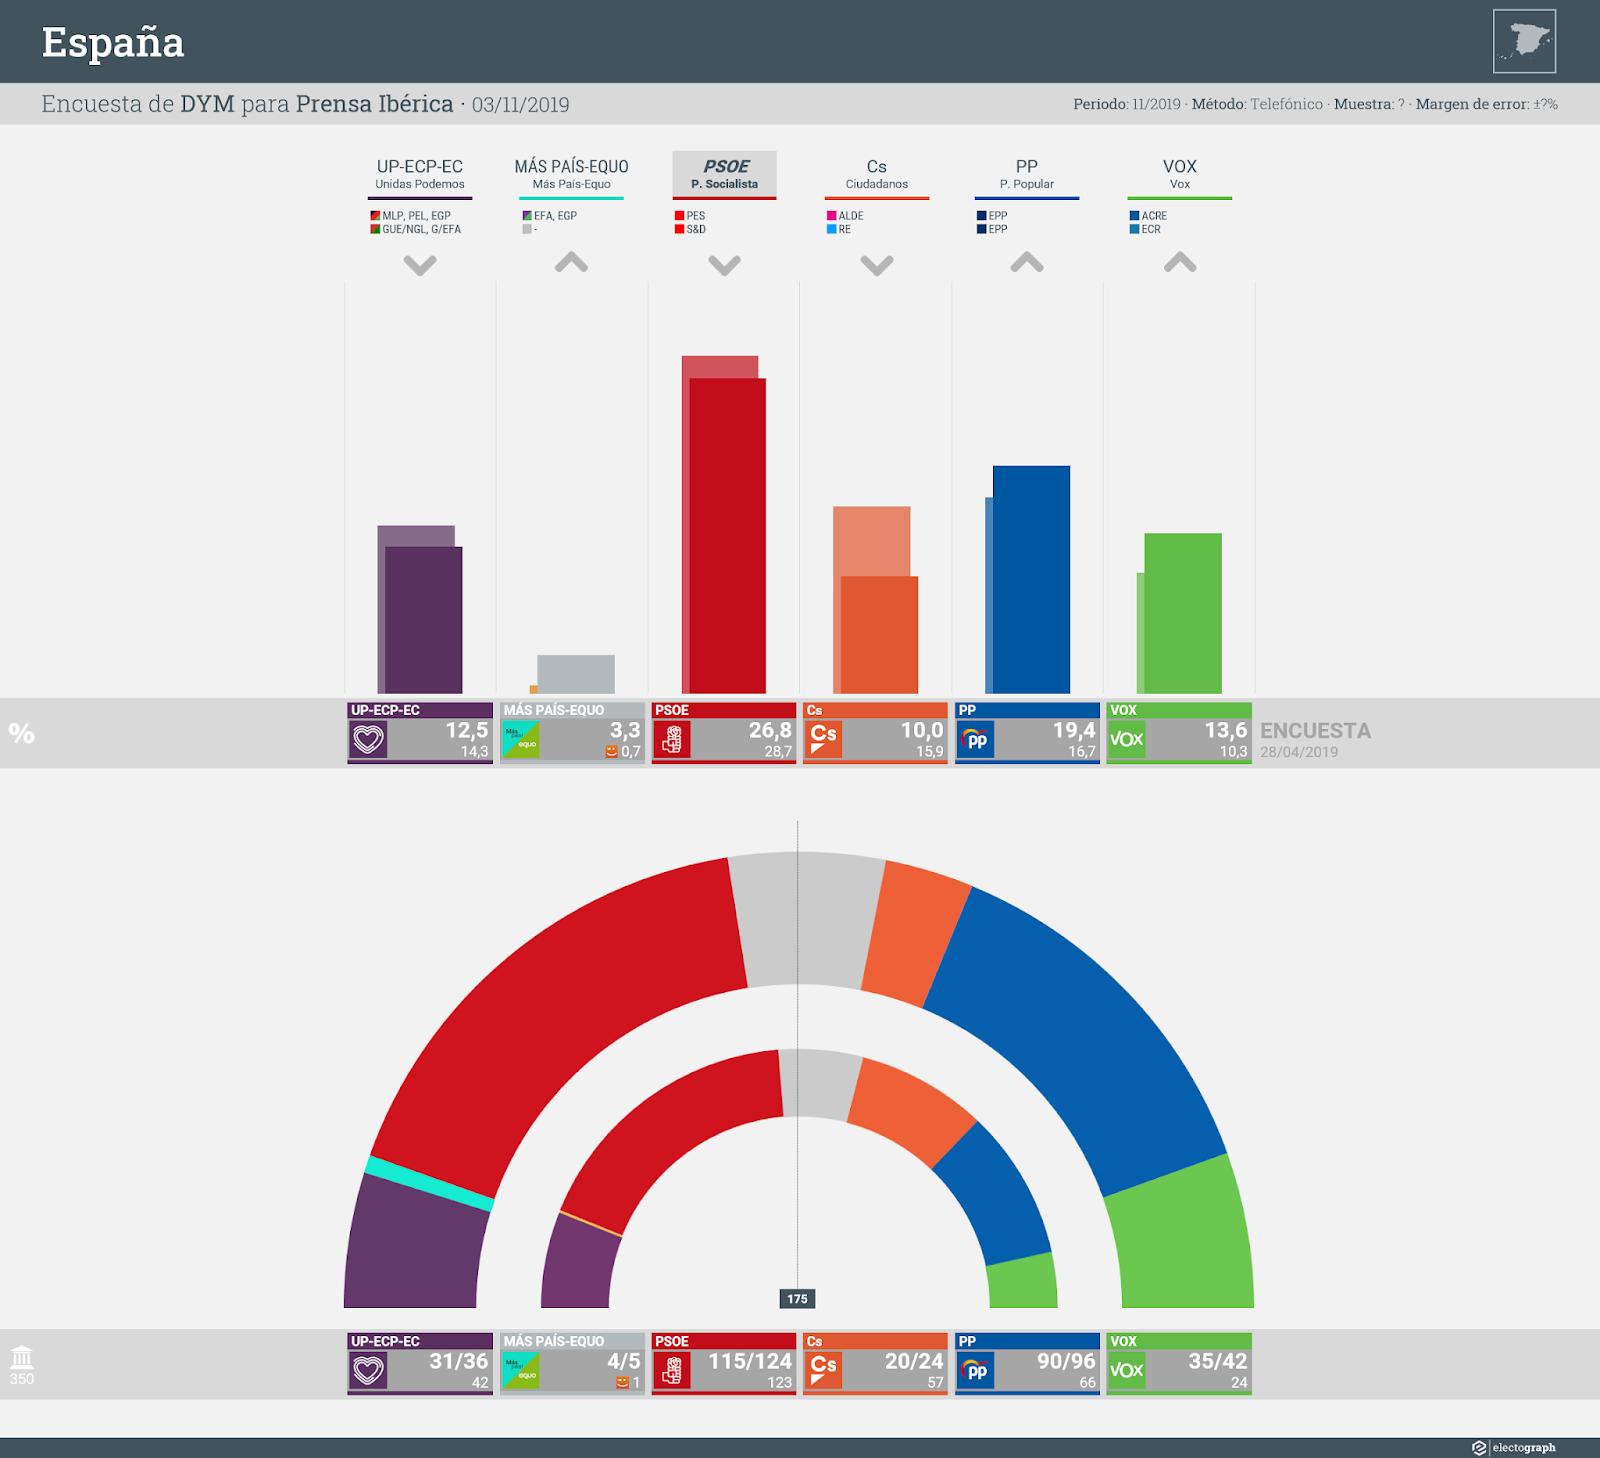 Gráfico de la encuesta para elecciones generales en España realizada por DYM para Prensa Ibérica, 3 de noviembre de 2019